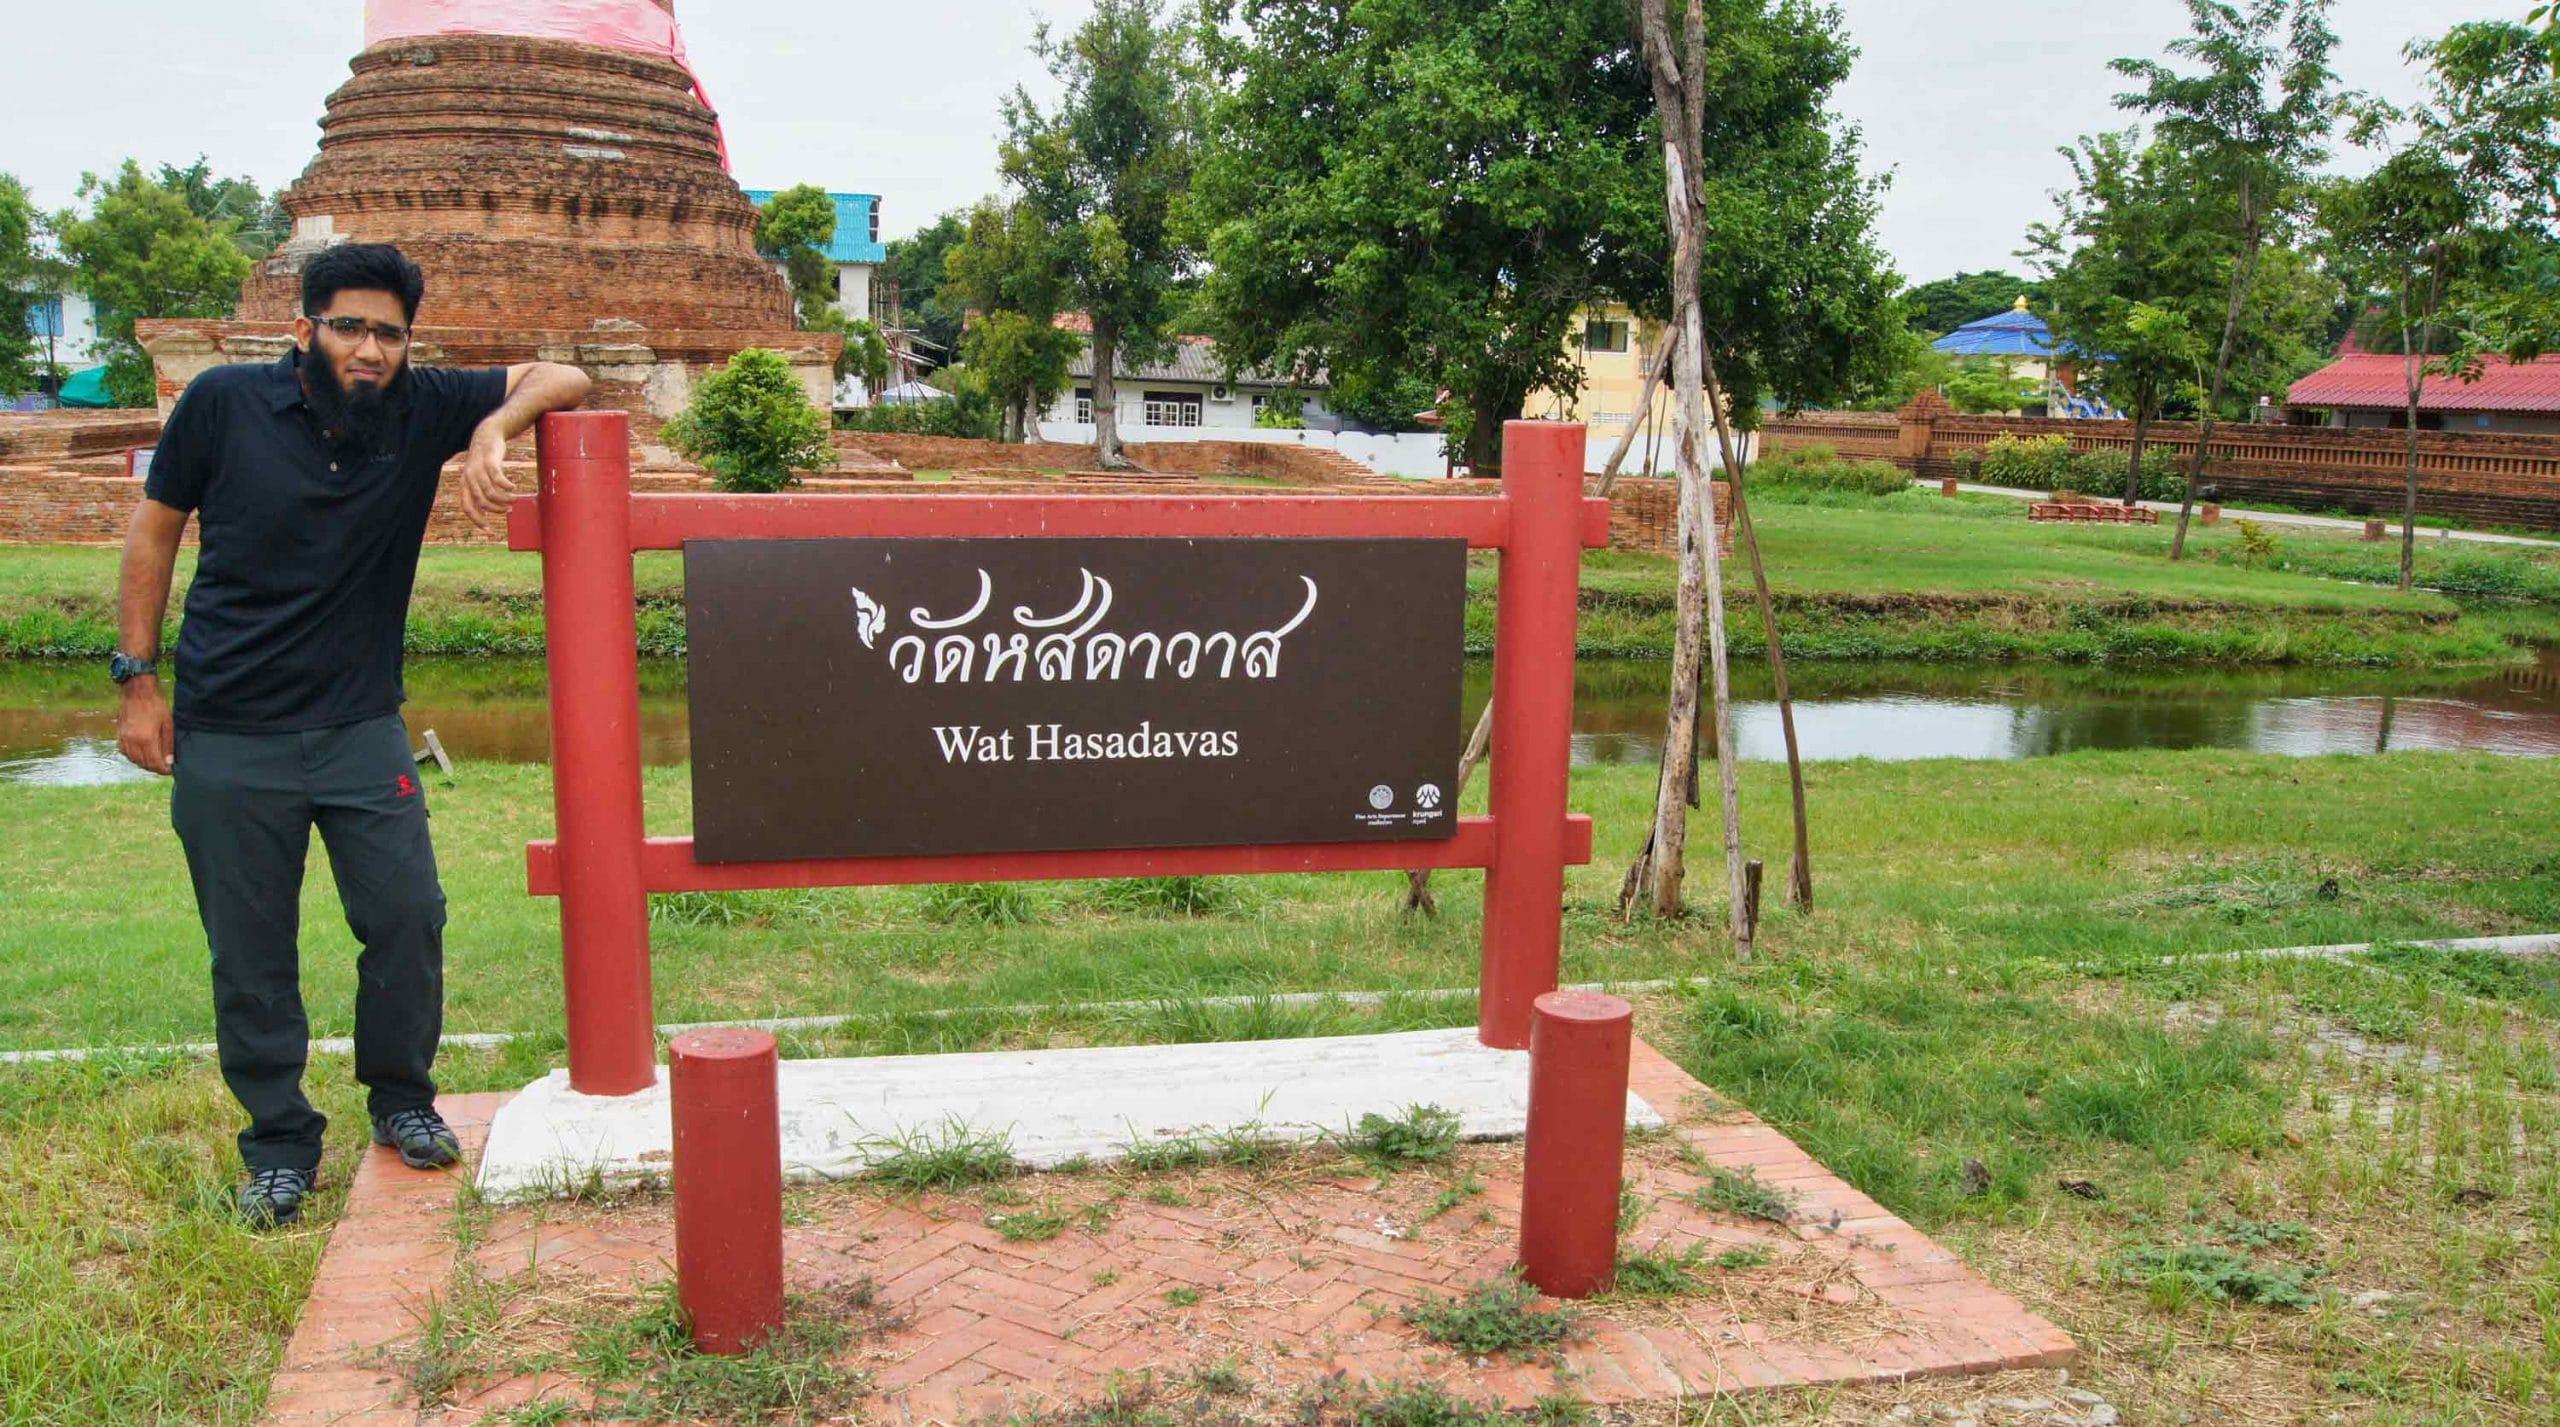 Muslim Man at Wat Hasadavas in Ayutthaya